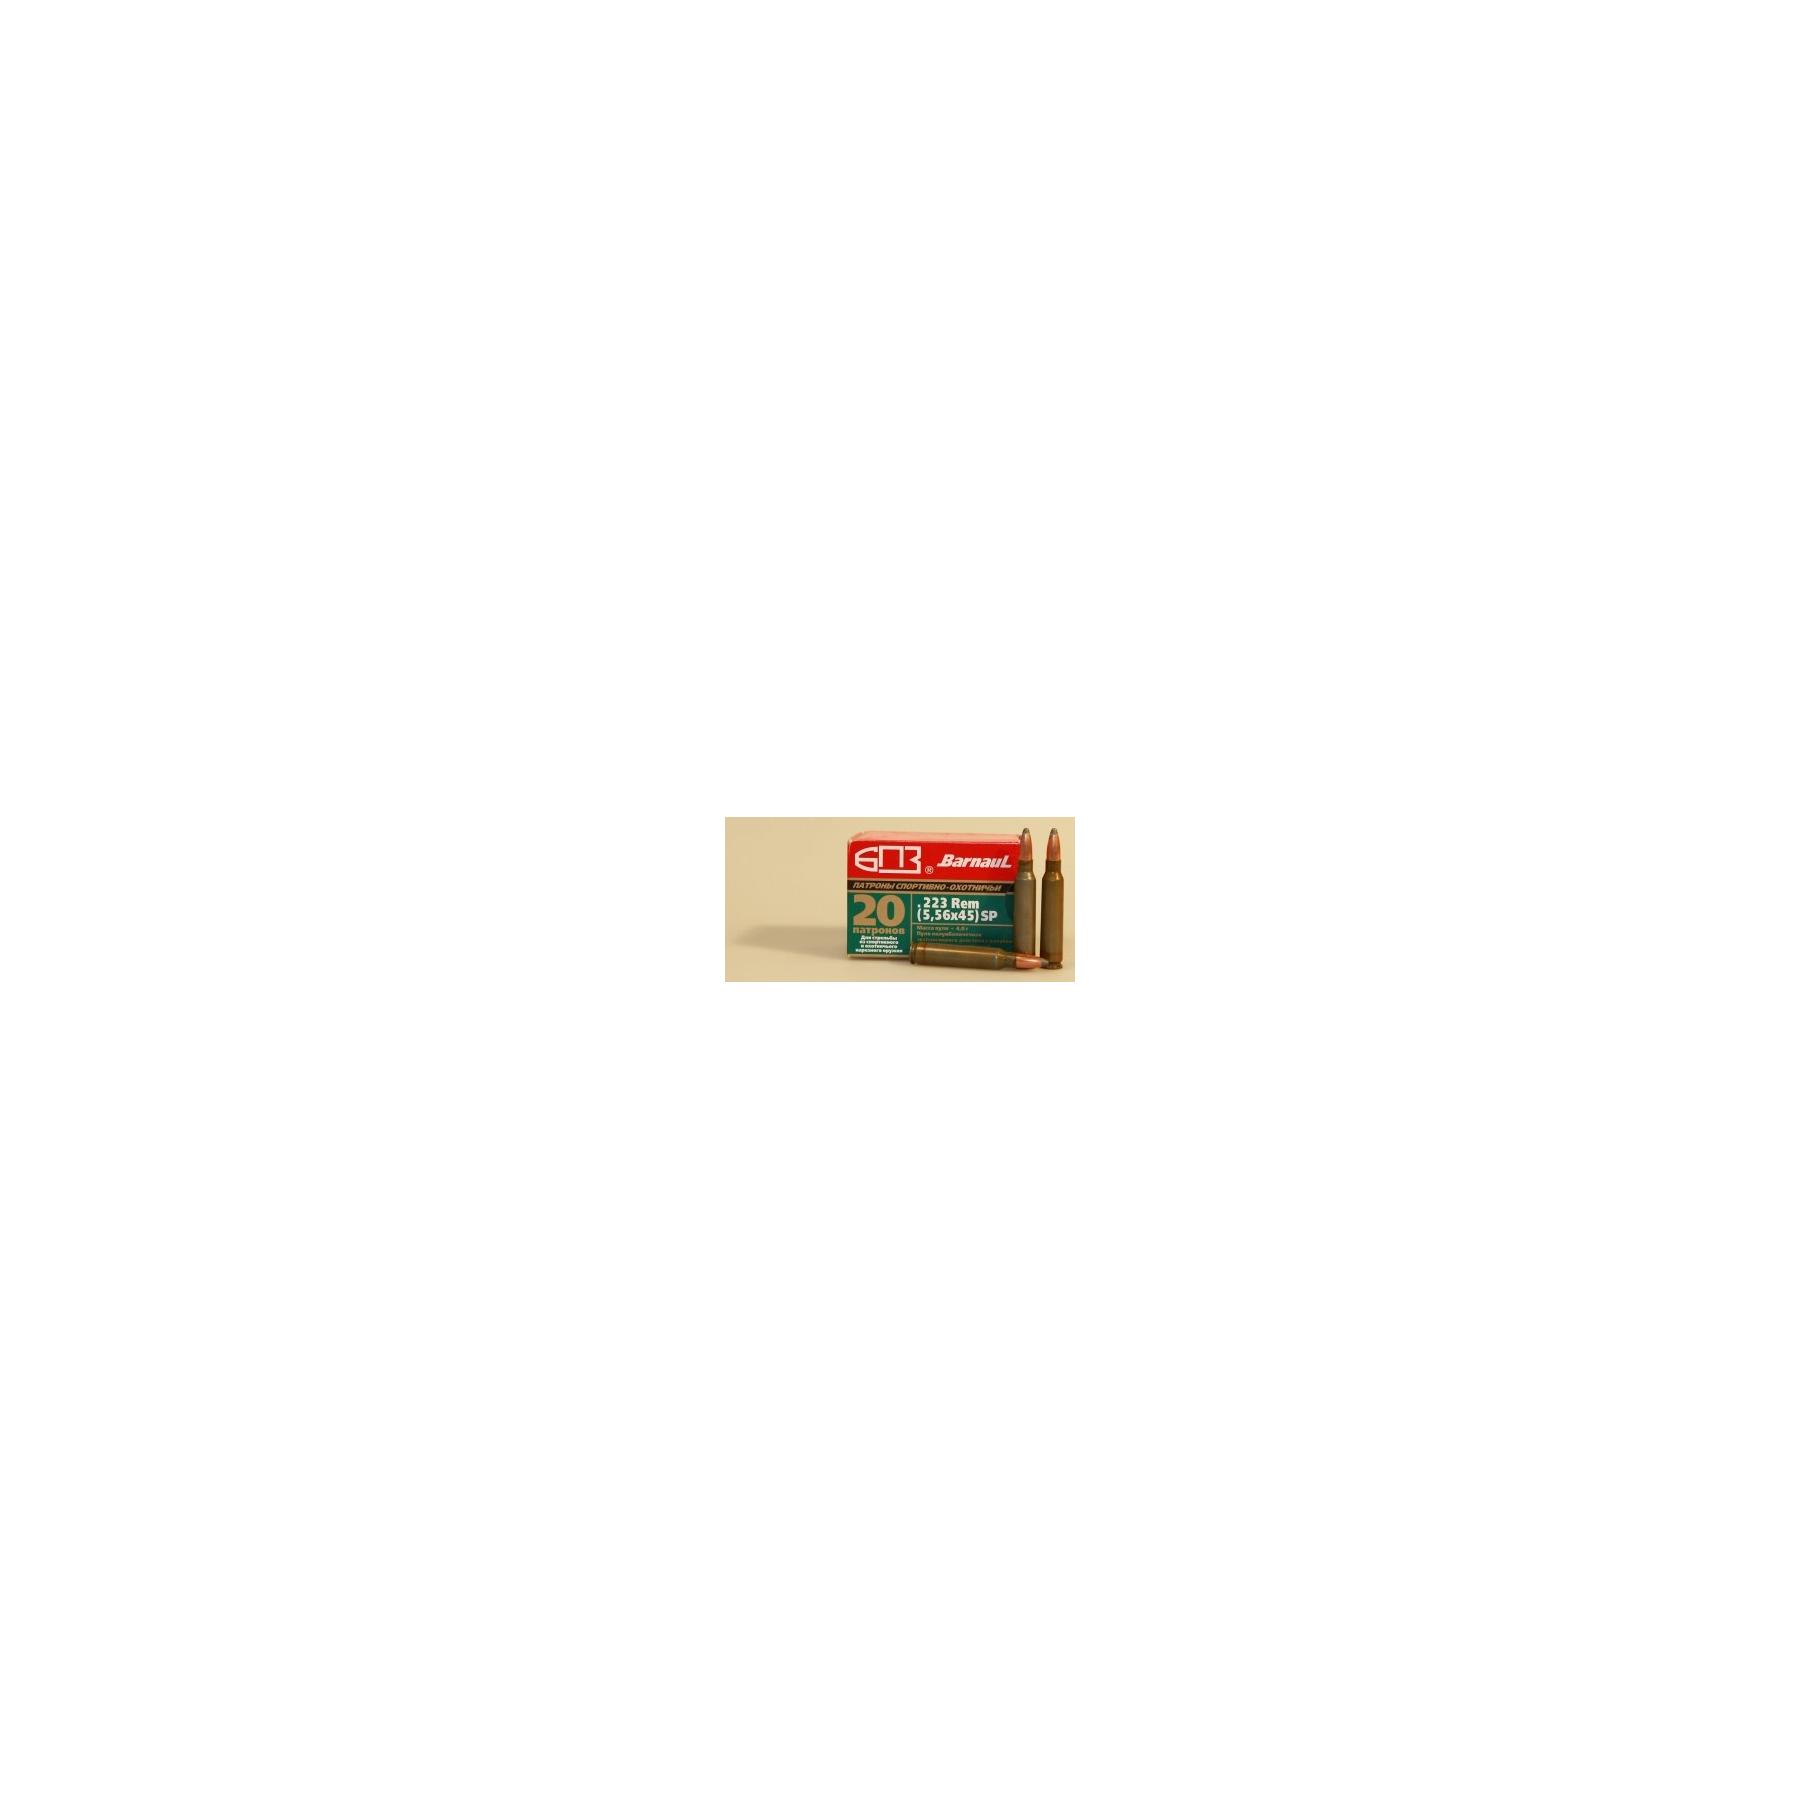 BARNAUL 223 REM 55GRS -SP BOITE DE 20 CARTOUCHES